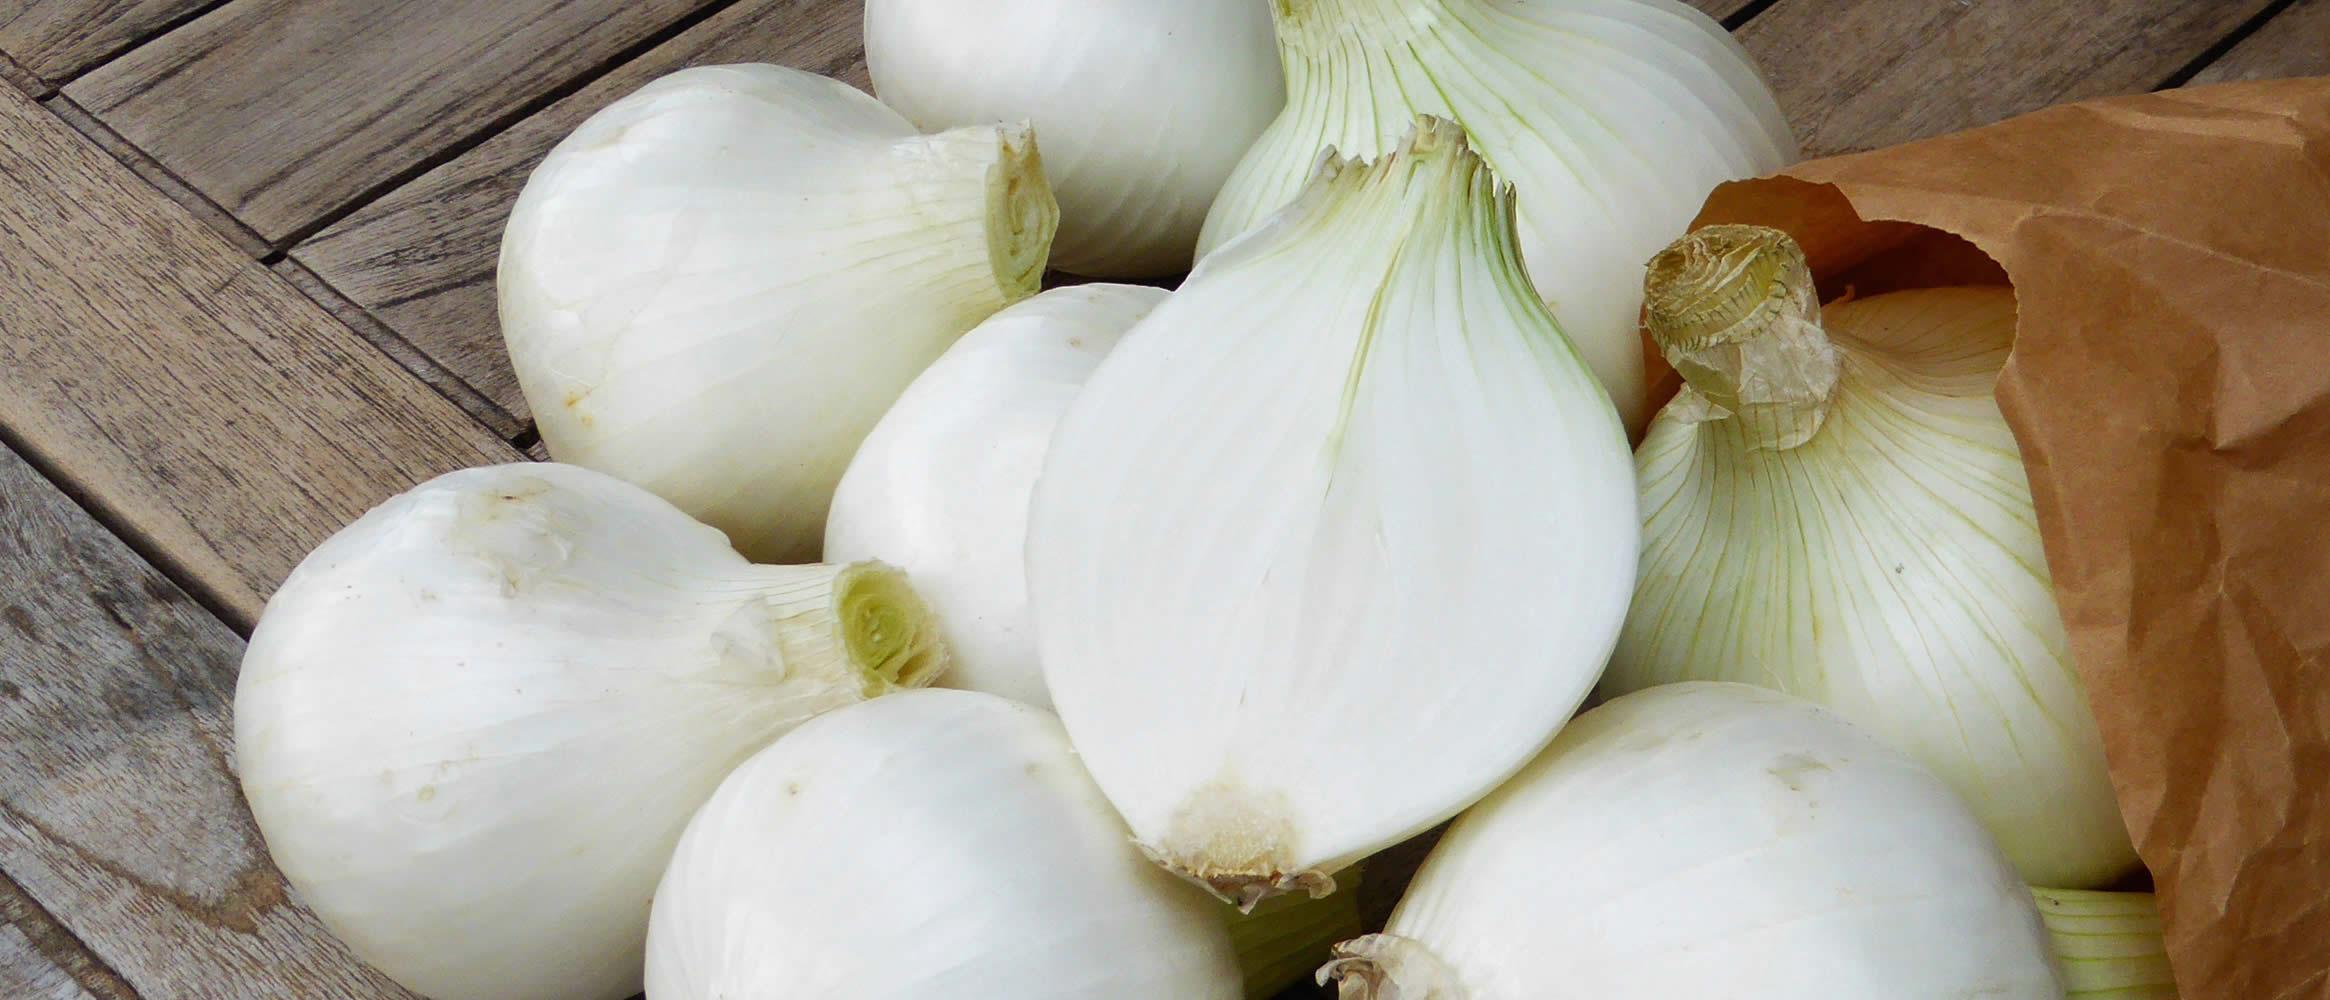 Cebolla blanca 1kg